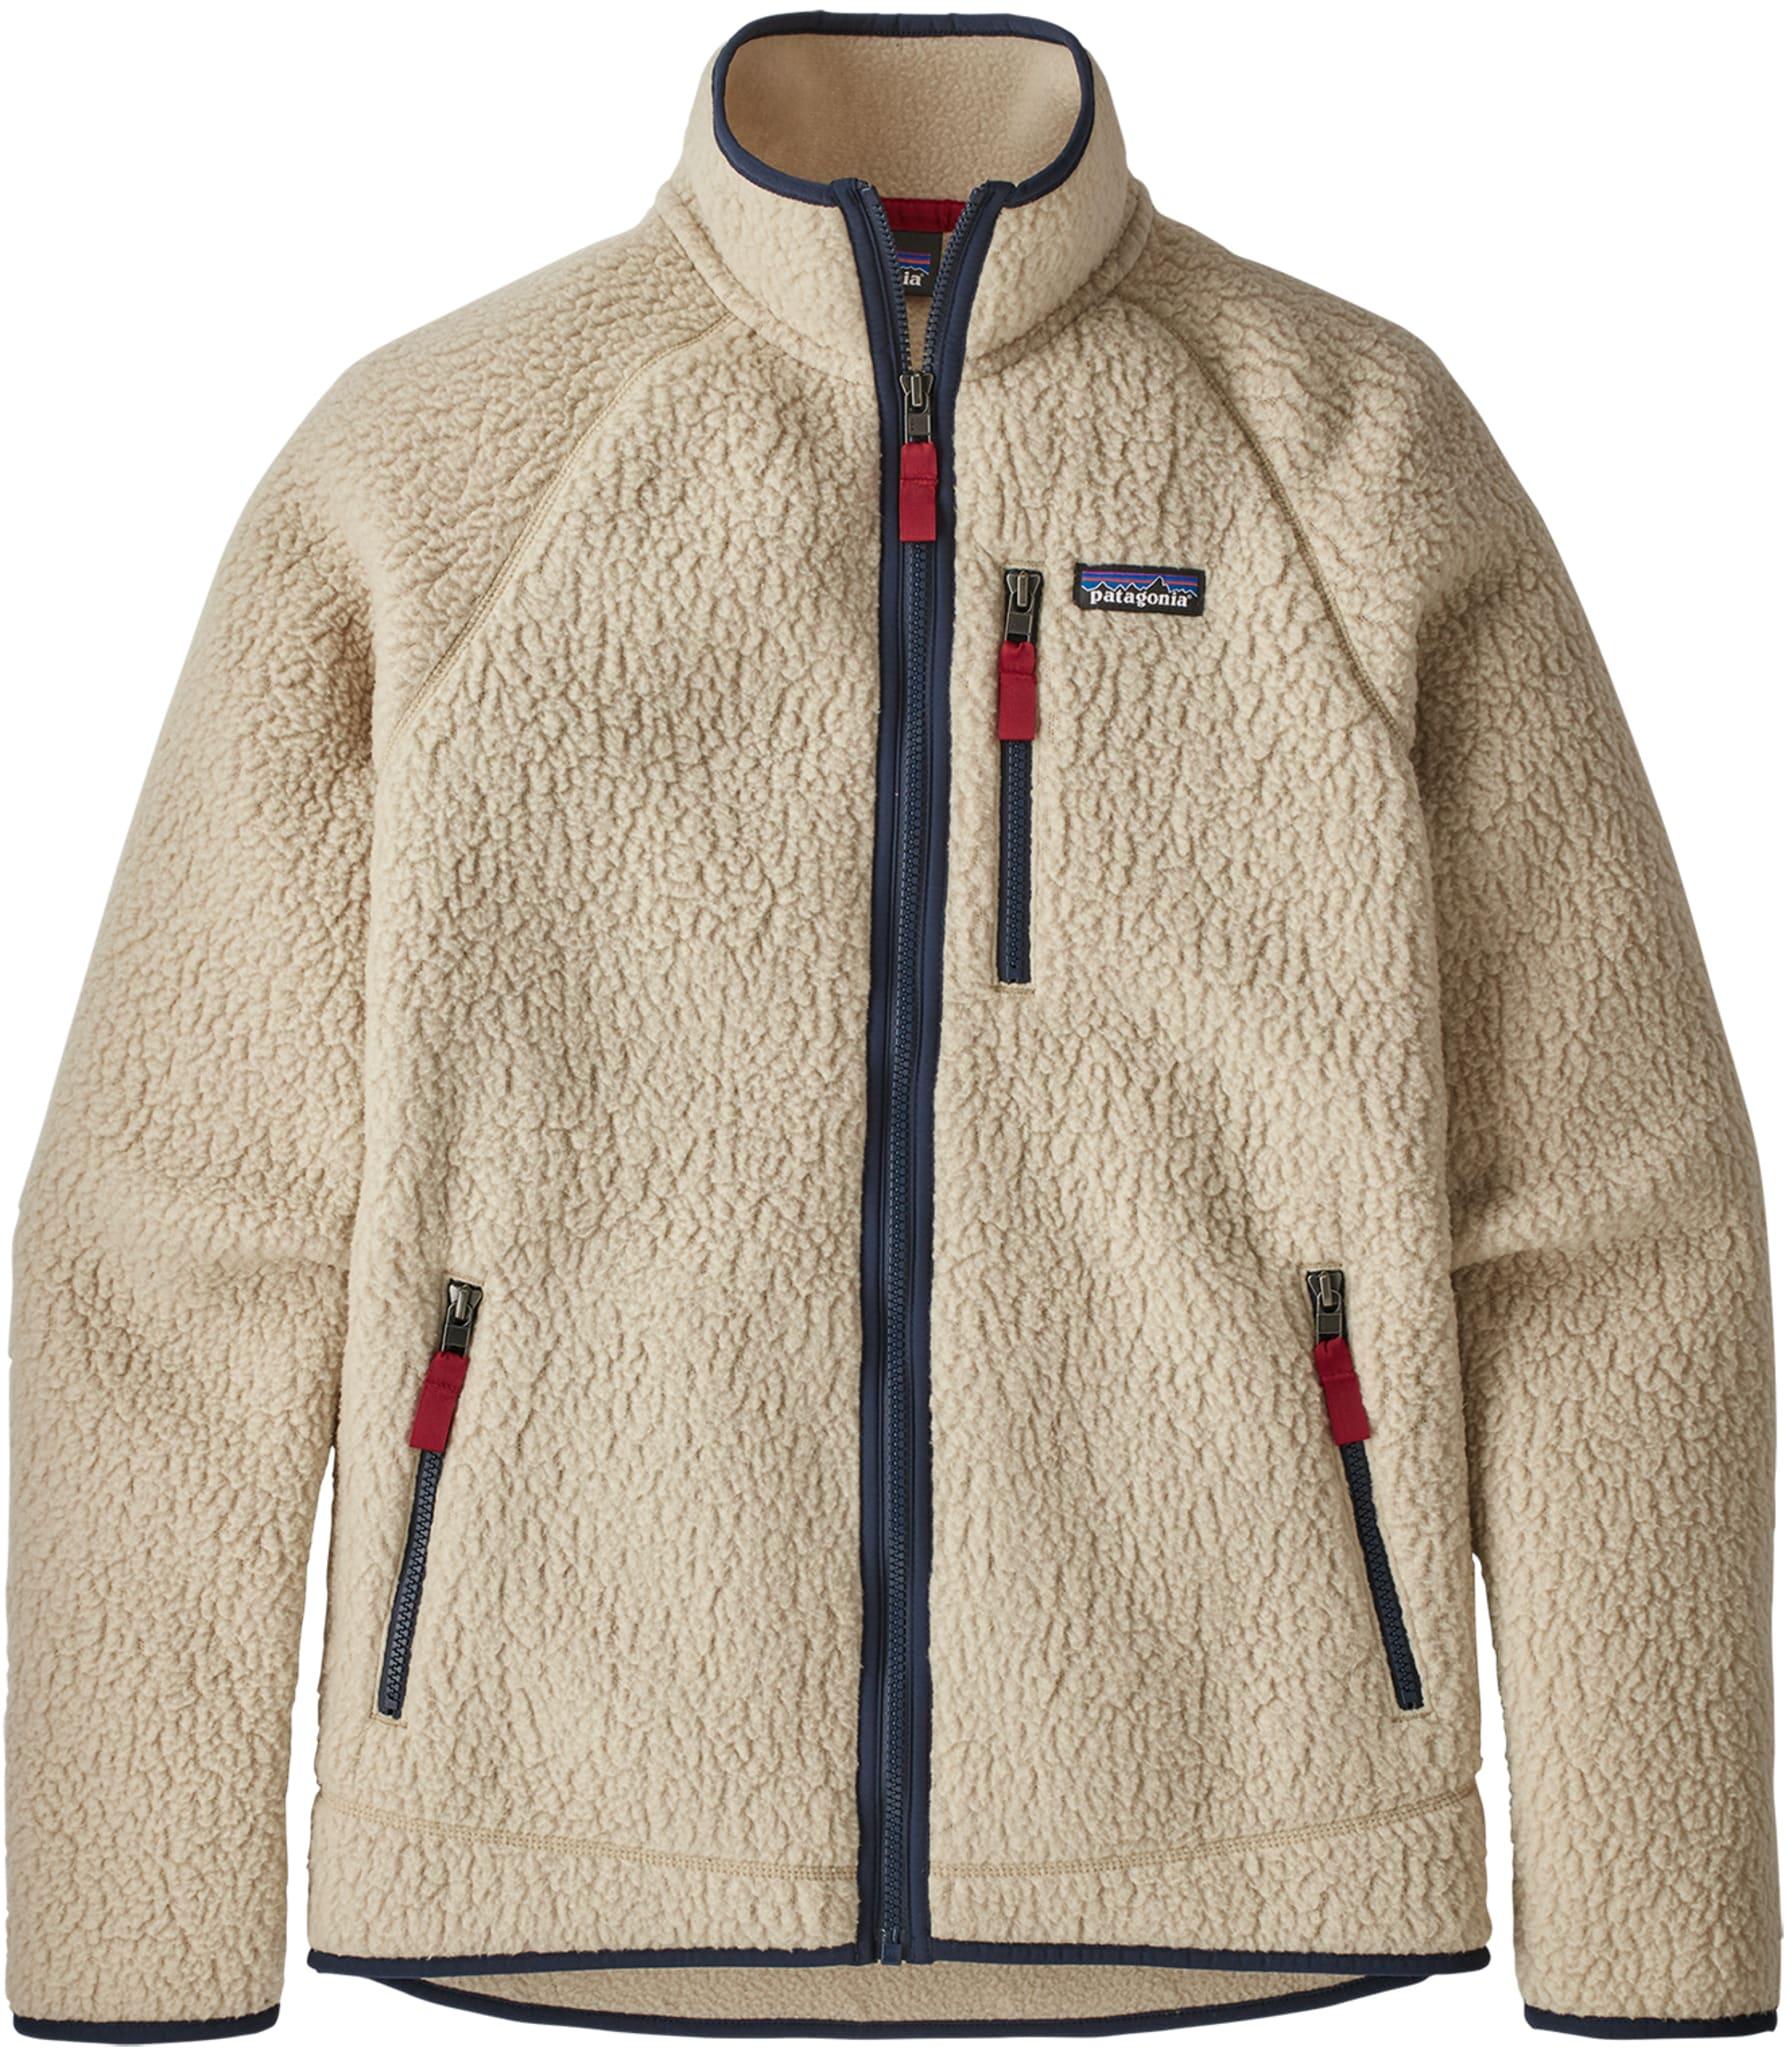 Romslig, klassisk og svært komfortabel fleece